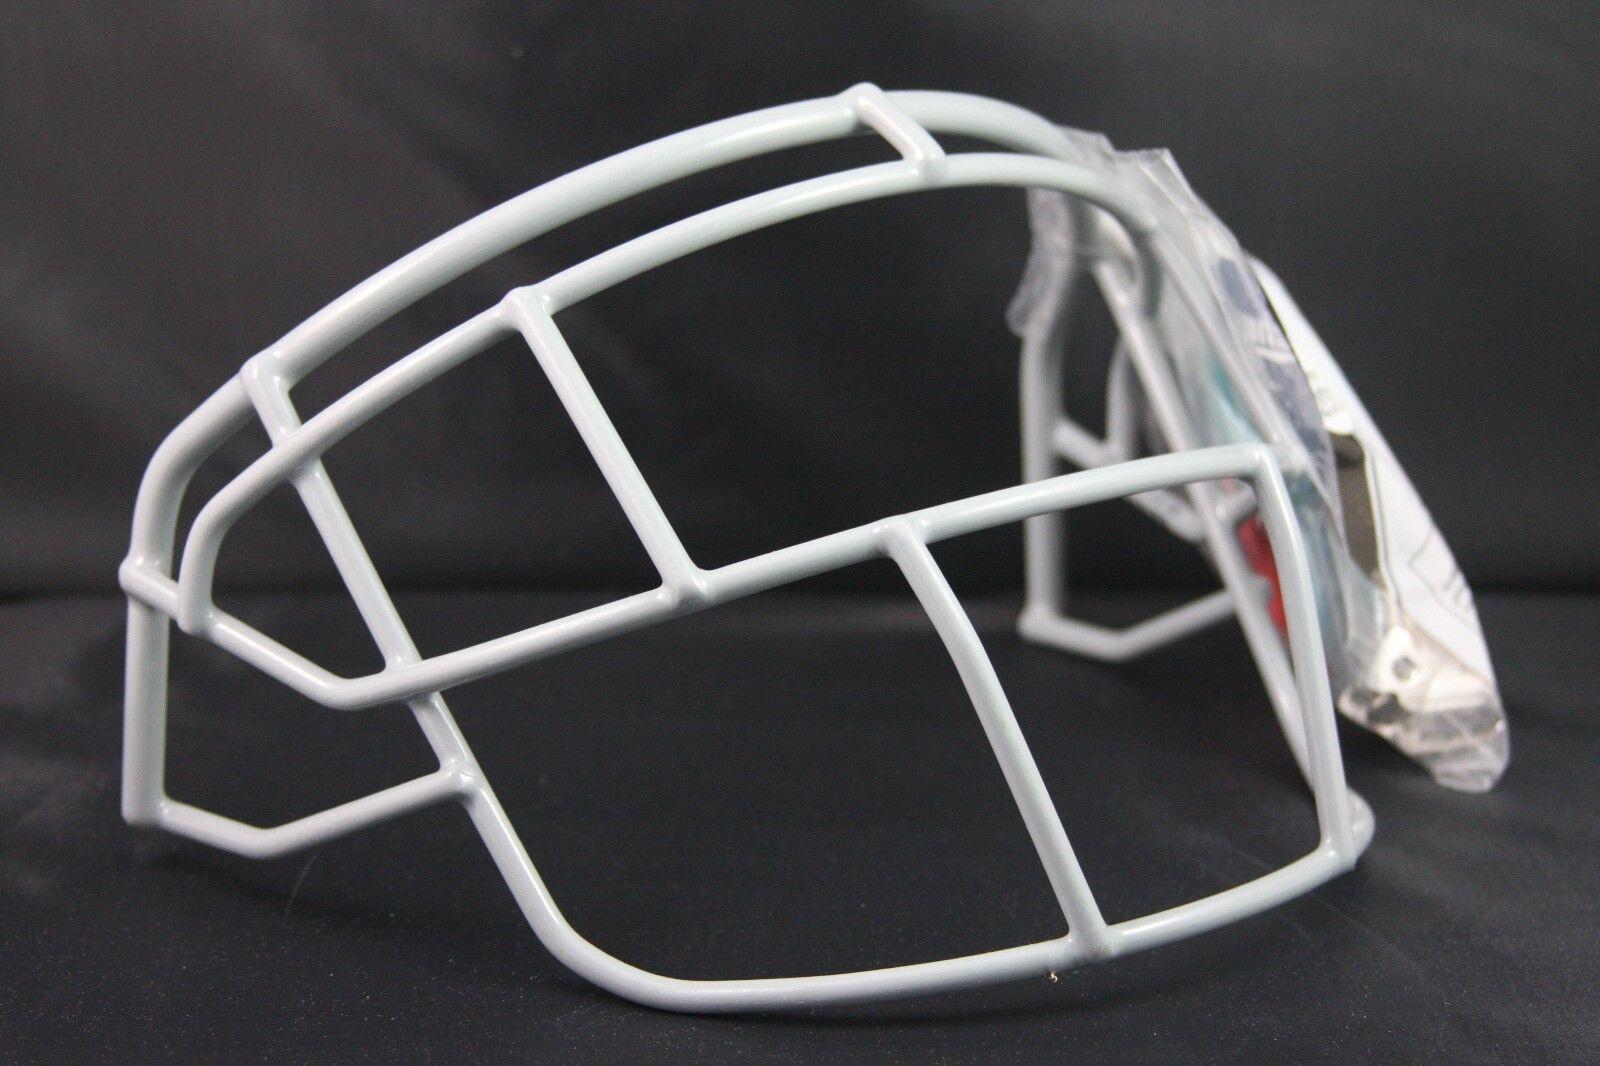 Schutt SUPER PRO Football Helmet TITANIUM Facemask New ON FIELD face guard